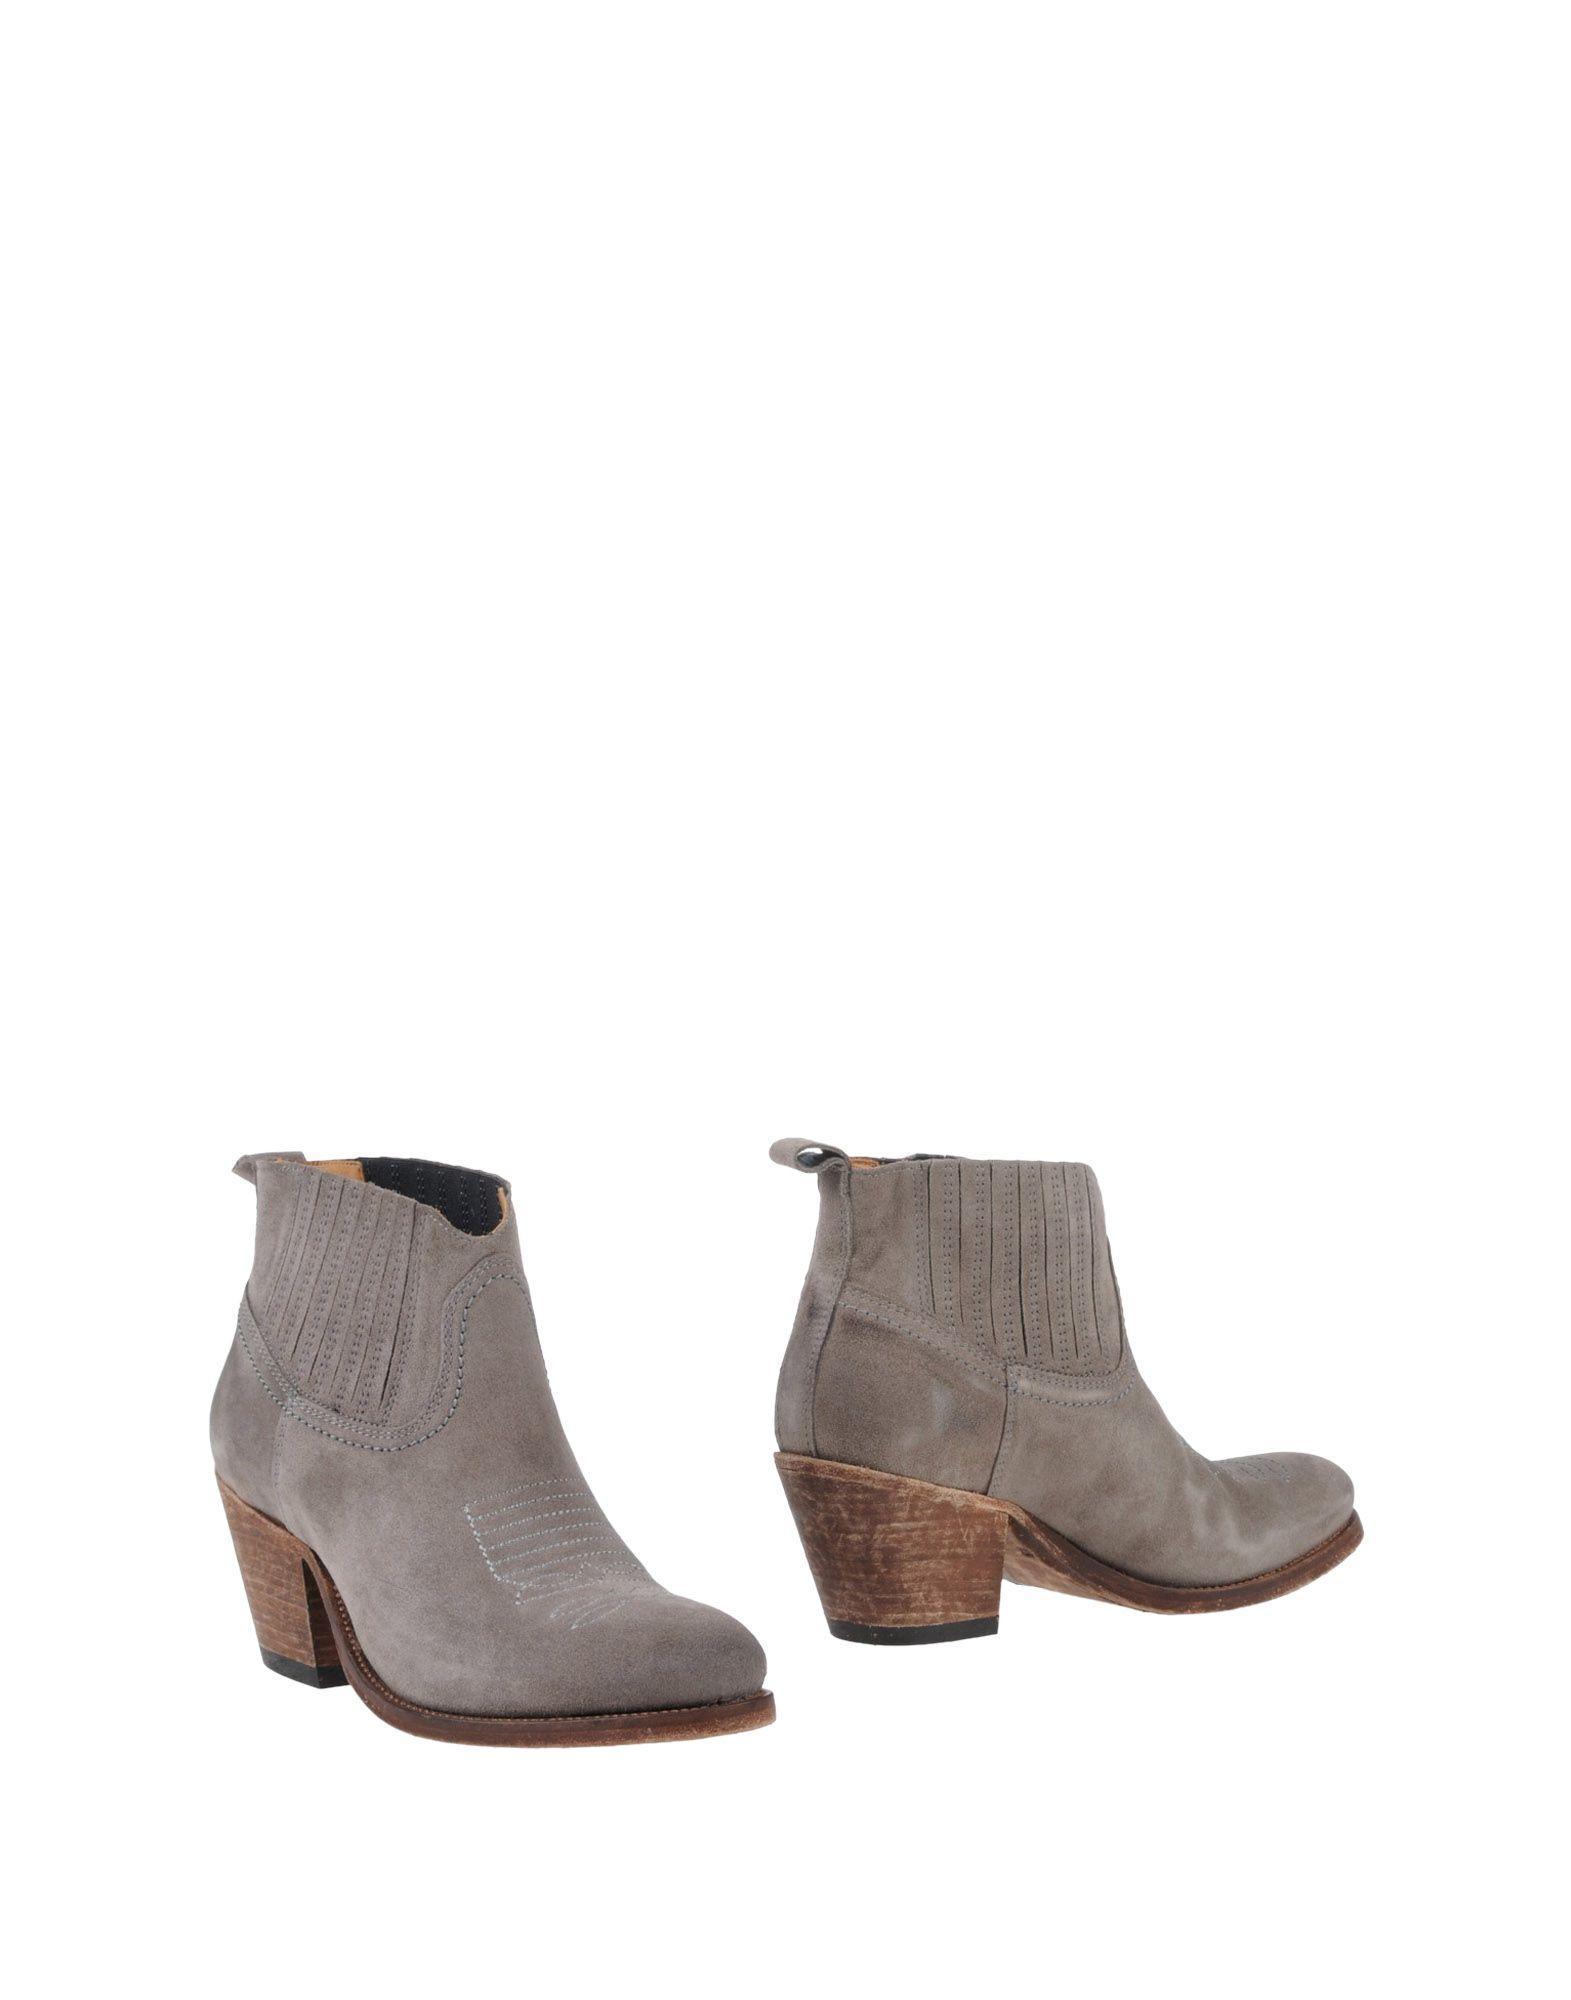 Catarina Martins Stiefelette Damen  11396108BS Gute Qualität beliebte Schuhe